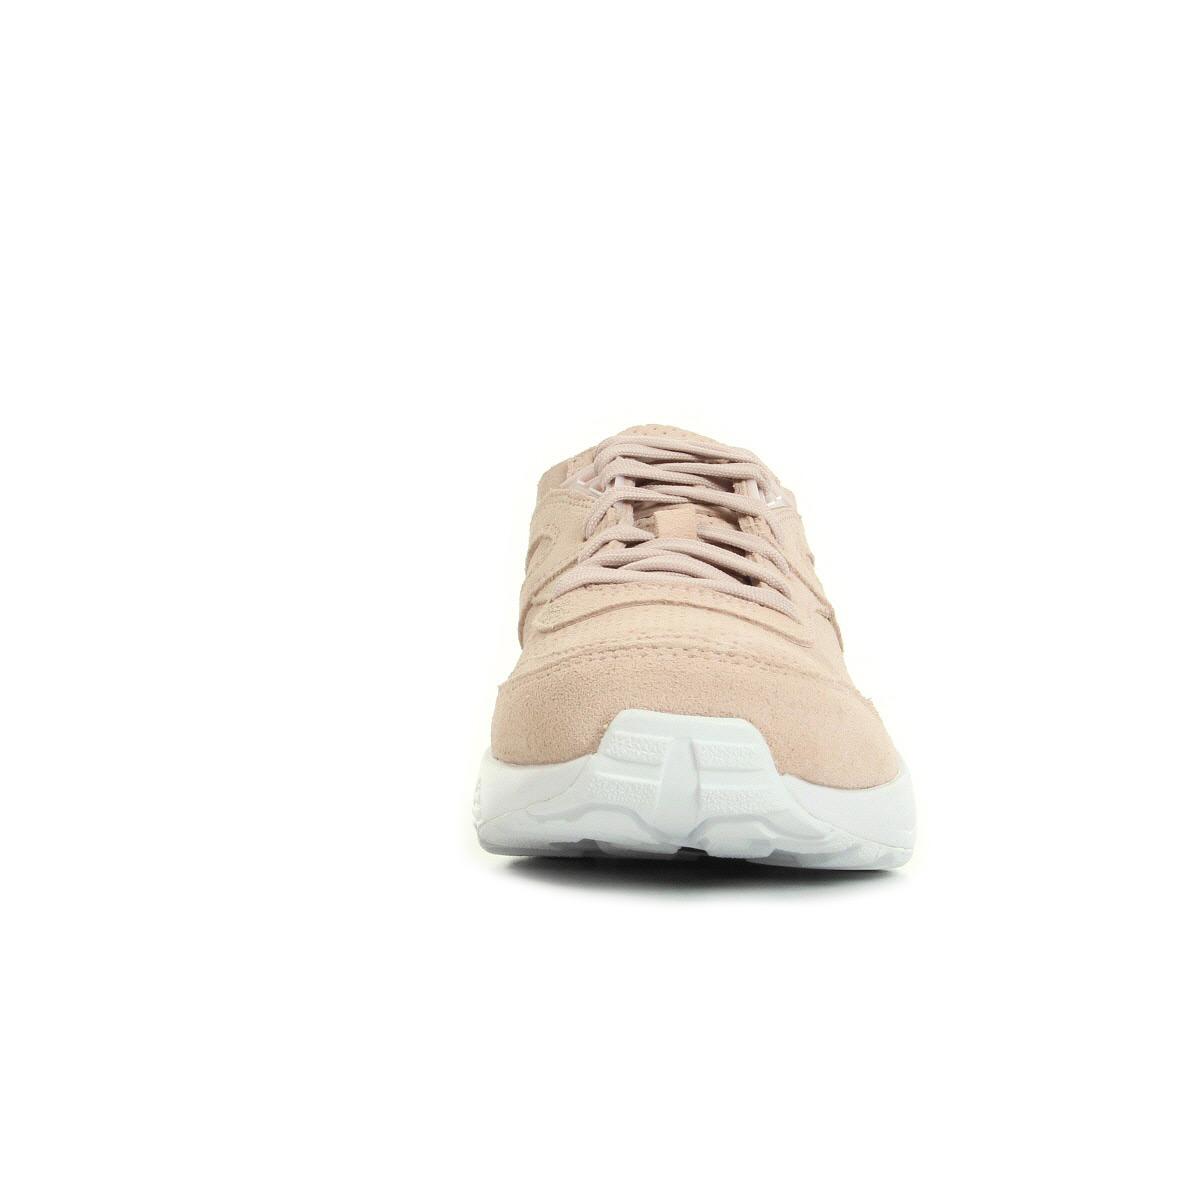 Puma R698 Soft Wns 36010404, Baskets mode femme